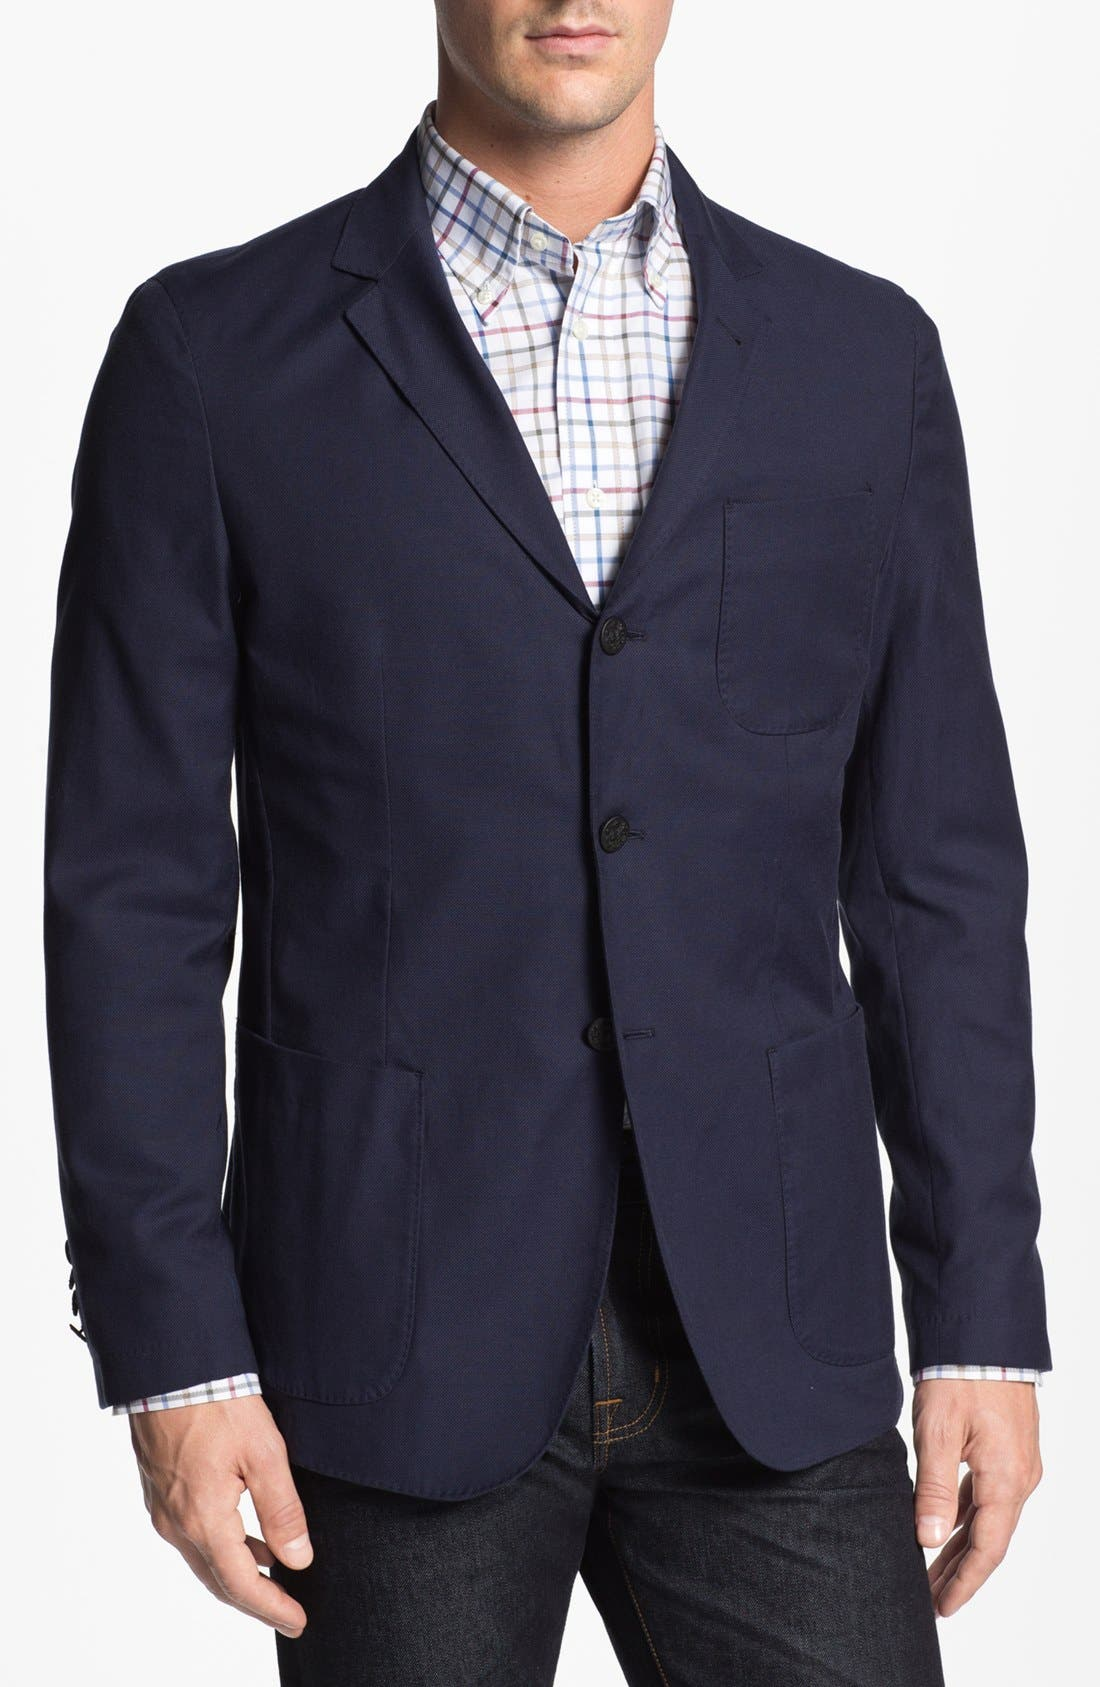 Main Image - Façonnable 'Veste' Piqué Sportcoat